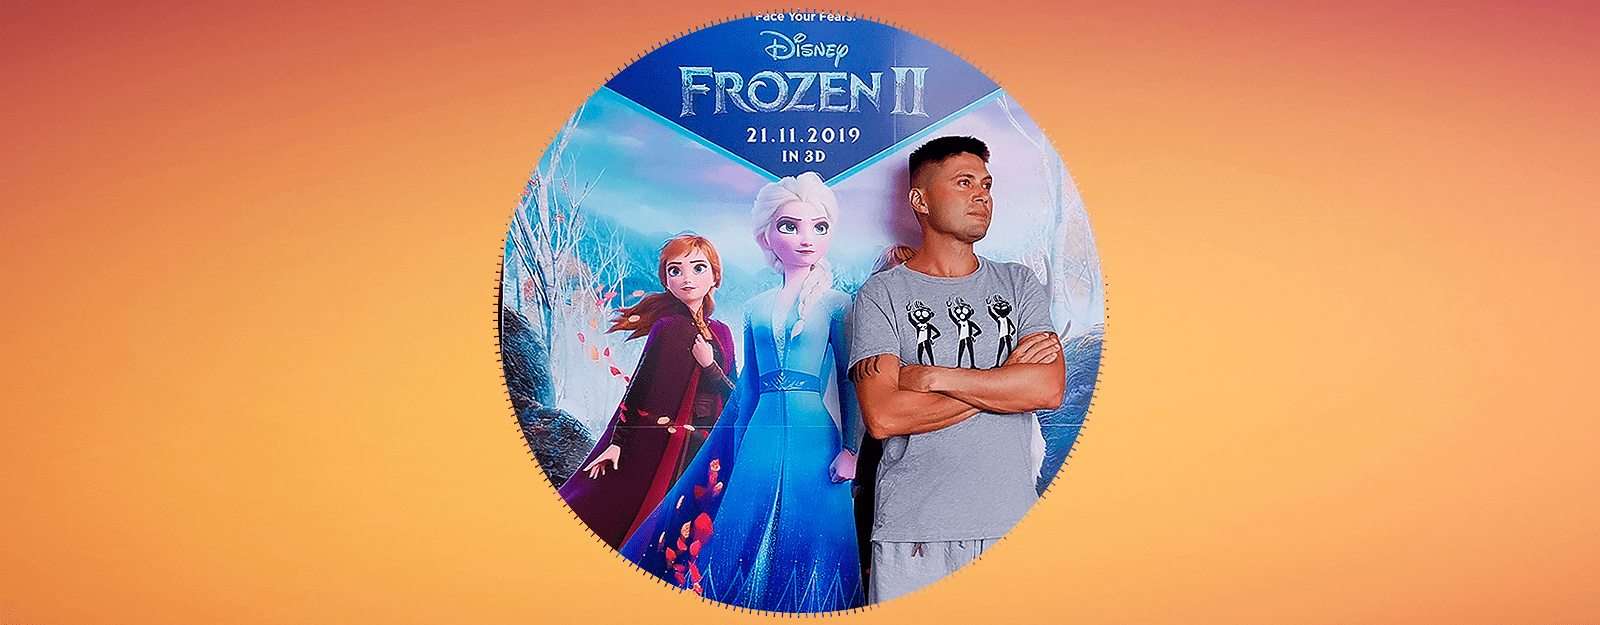 Полтергейст и Frozen